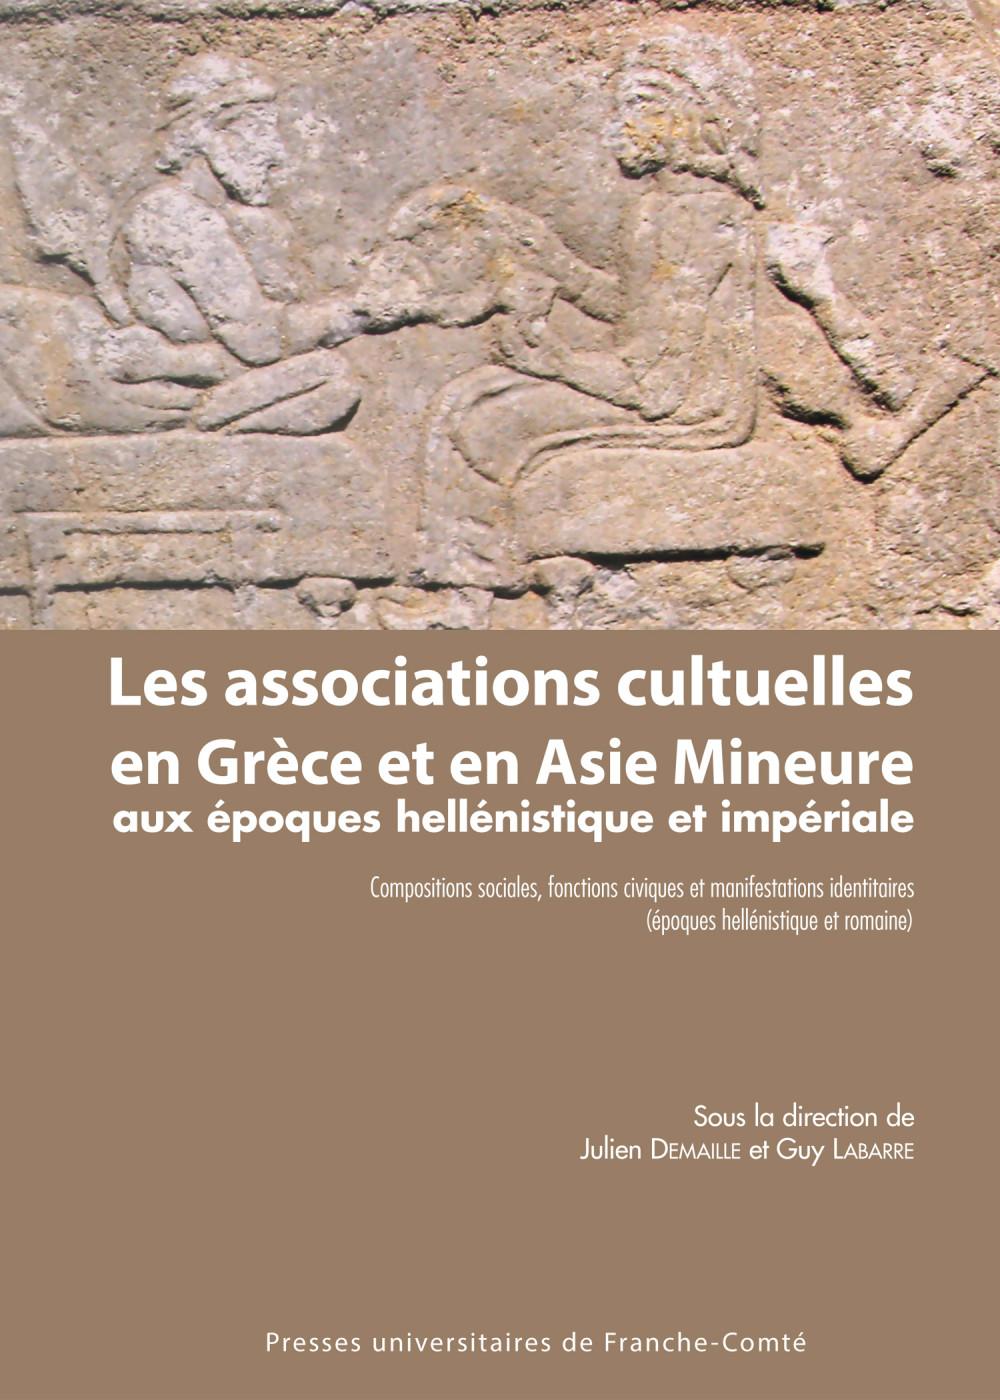 couverture de l'ouvrage Les associations cultuelles en Grèce et en Asie Mineure, dirigé par Julien DEMAILLE et Guy Labarre